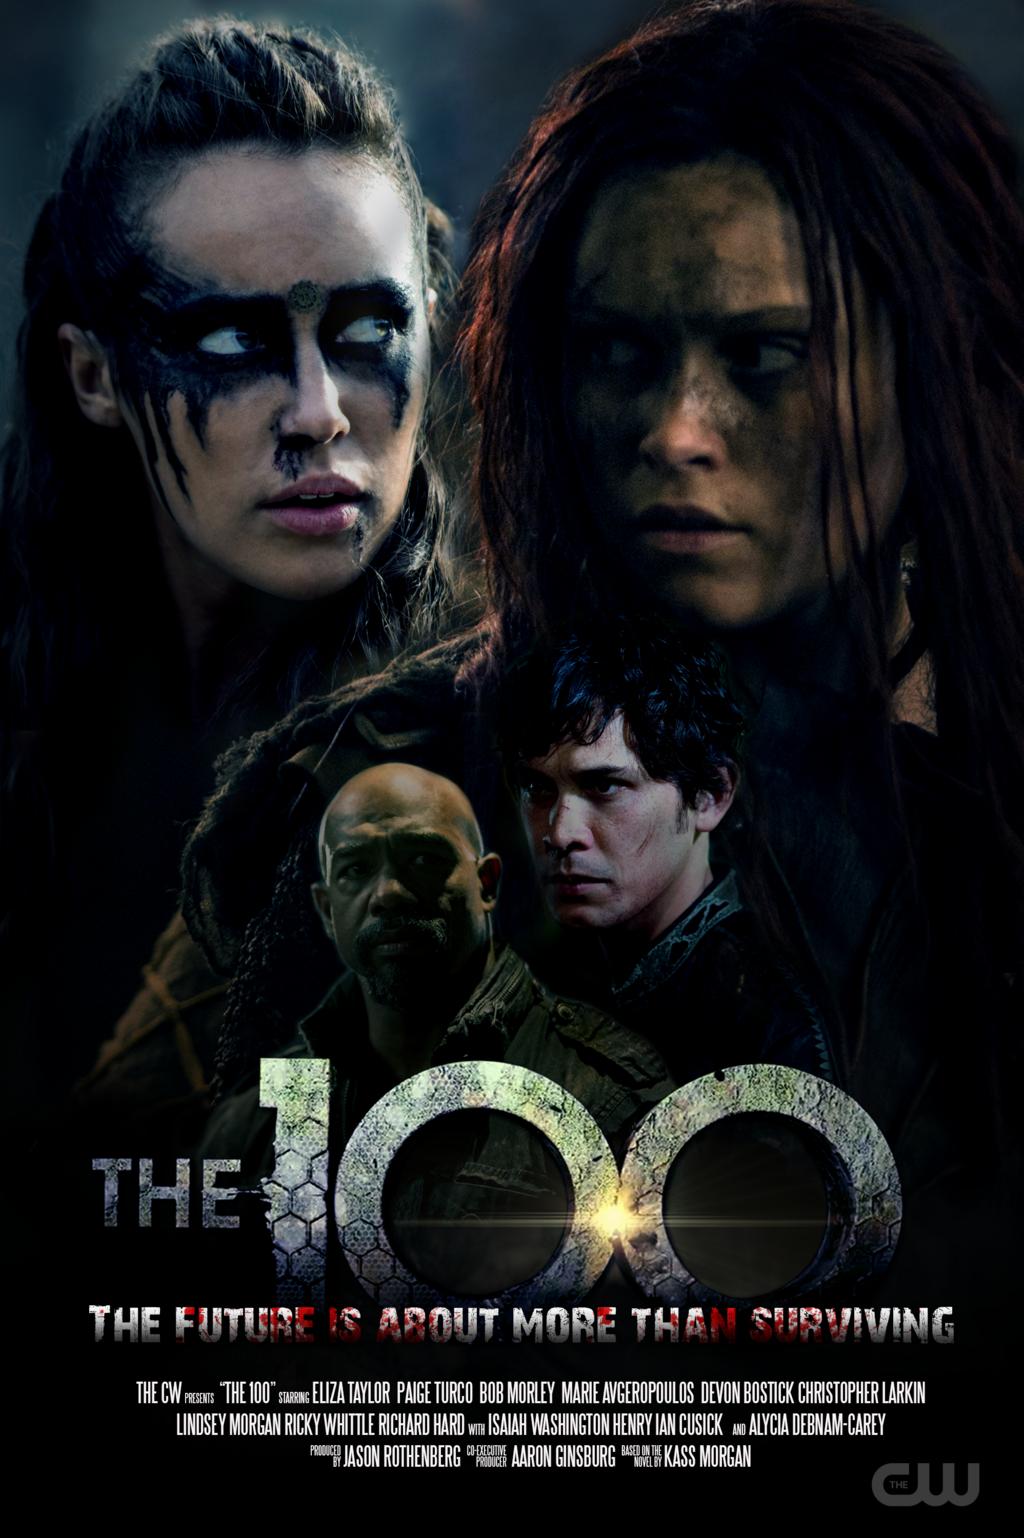 The 100 Season 3 Subtitle Indonesia Les 100, The 100